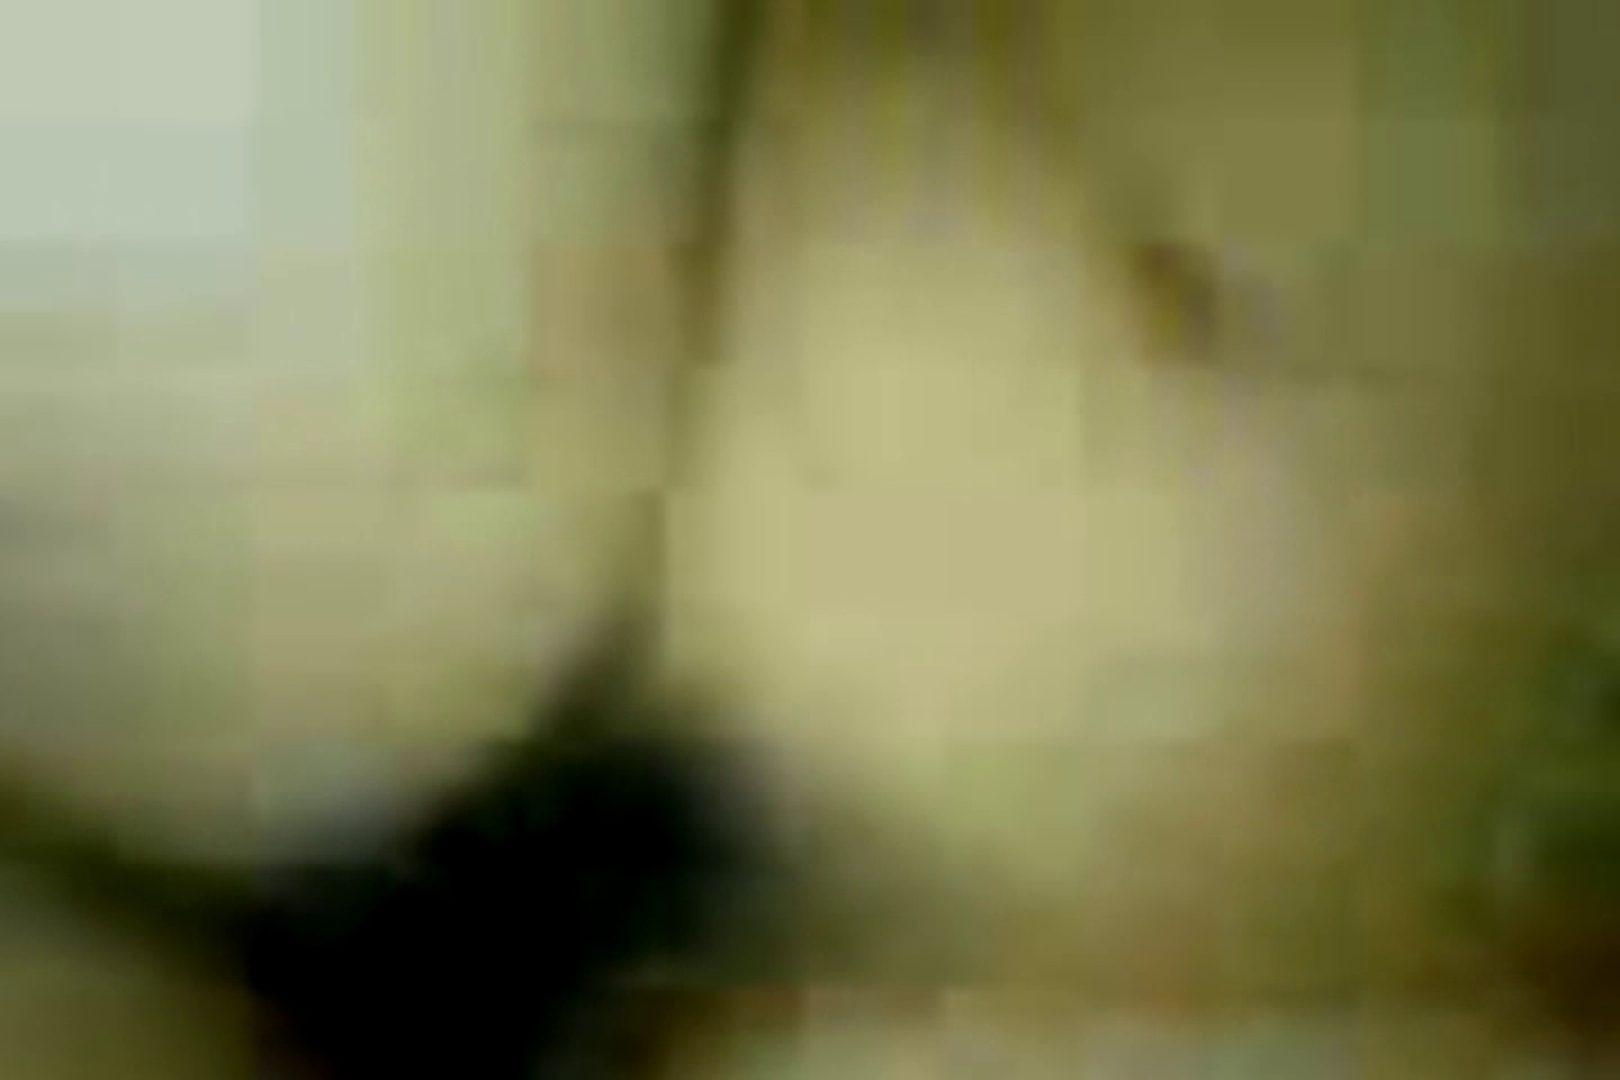 ウイルス流出 串田良祐と小学校教諭のハメ撮りアルバム 流出作品 | 学校  105pic 5